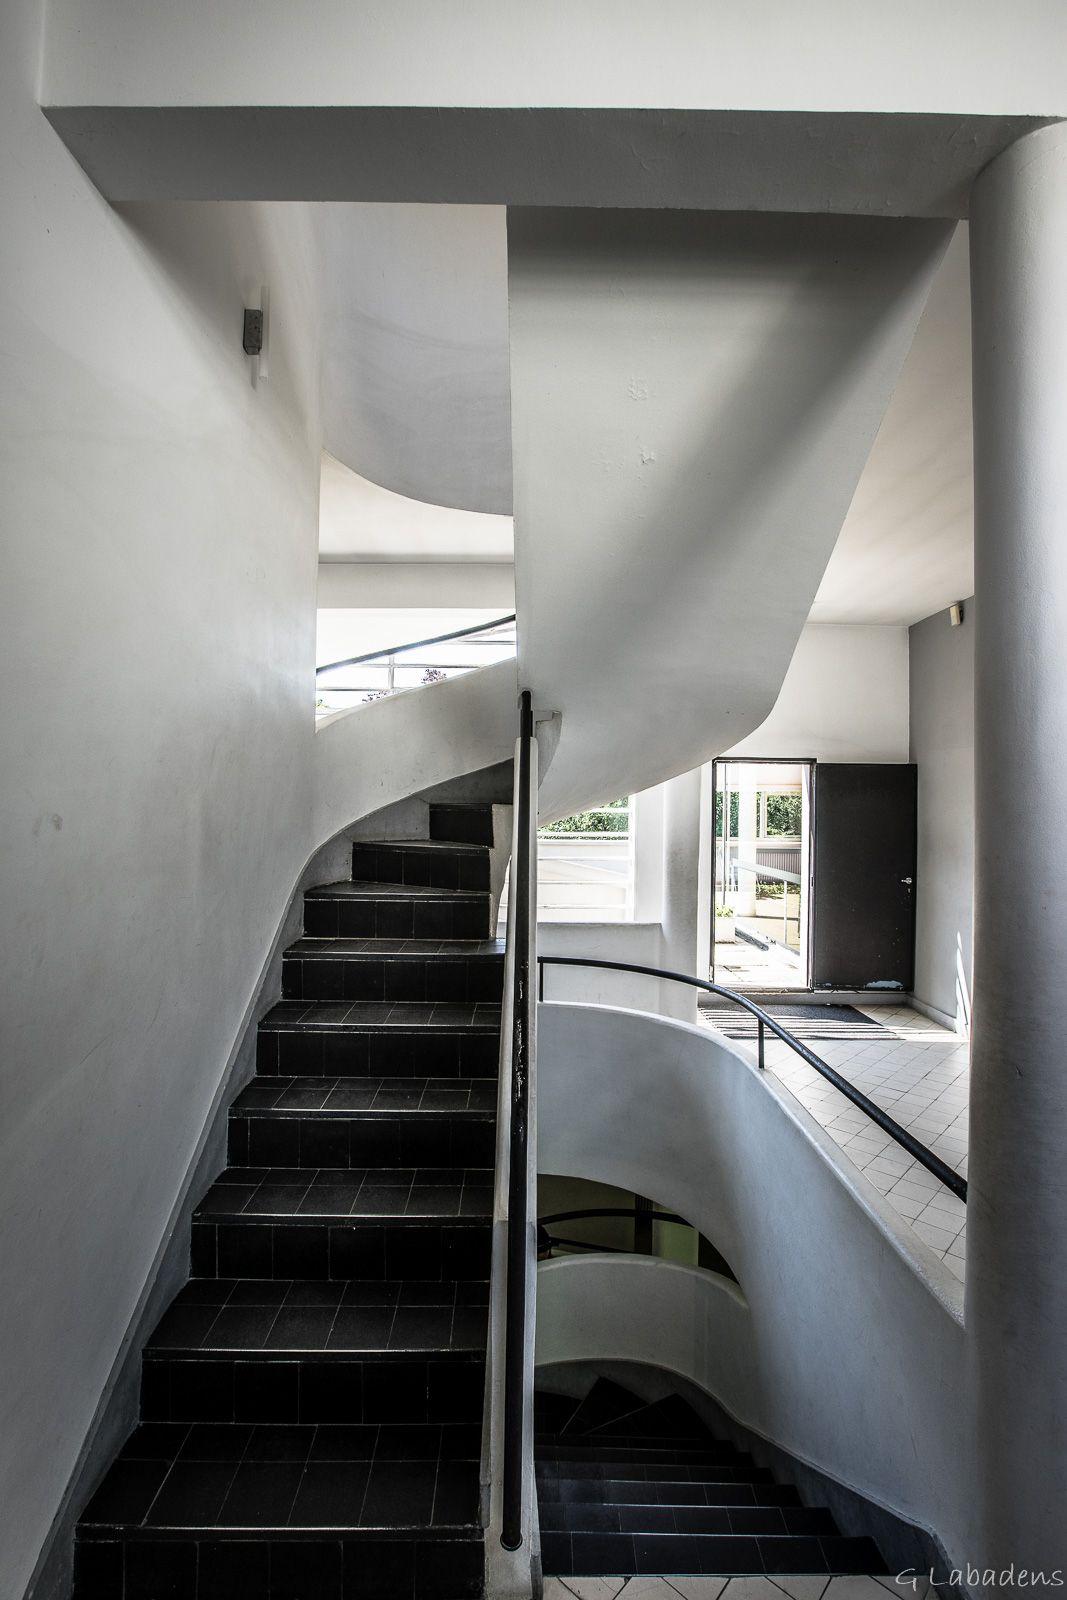 Visite en photos de la villa savoye à poissy architecte le corbusier